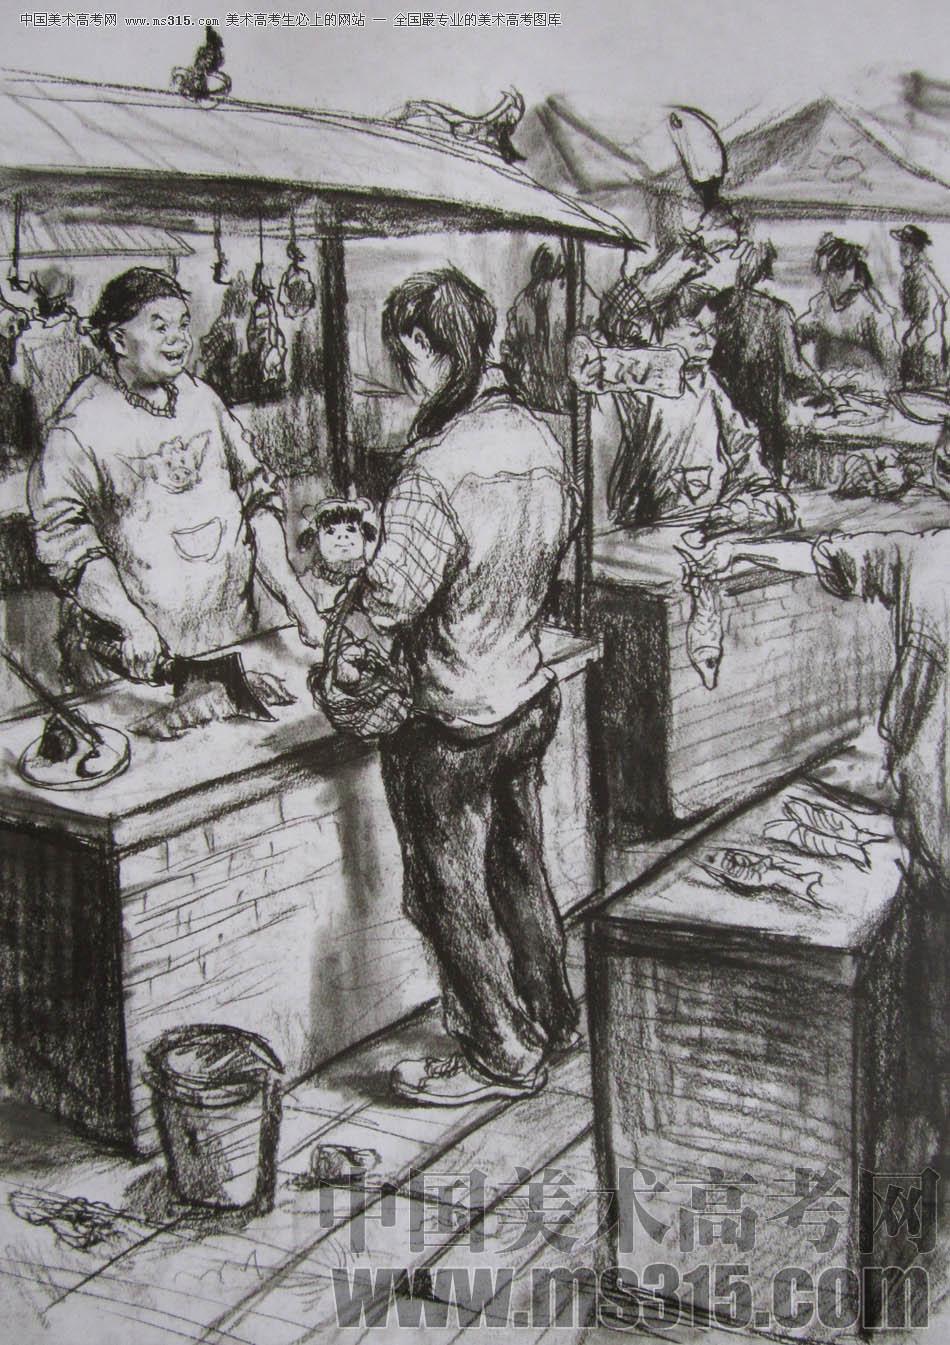 速写客厅一角加人物_菜市场一角三人速写,菜市场一角速写,菜市场三人场景速写_大 ...